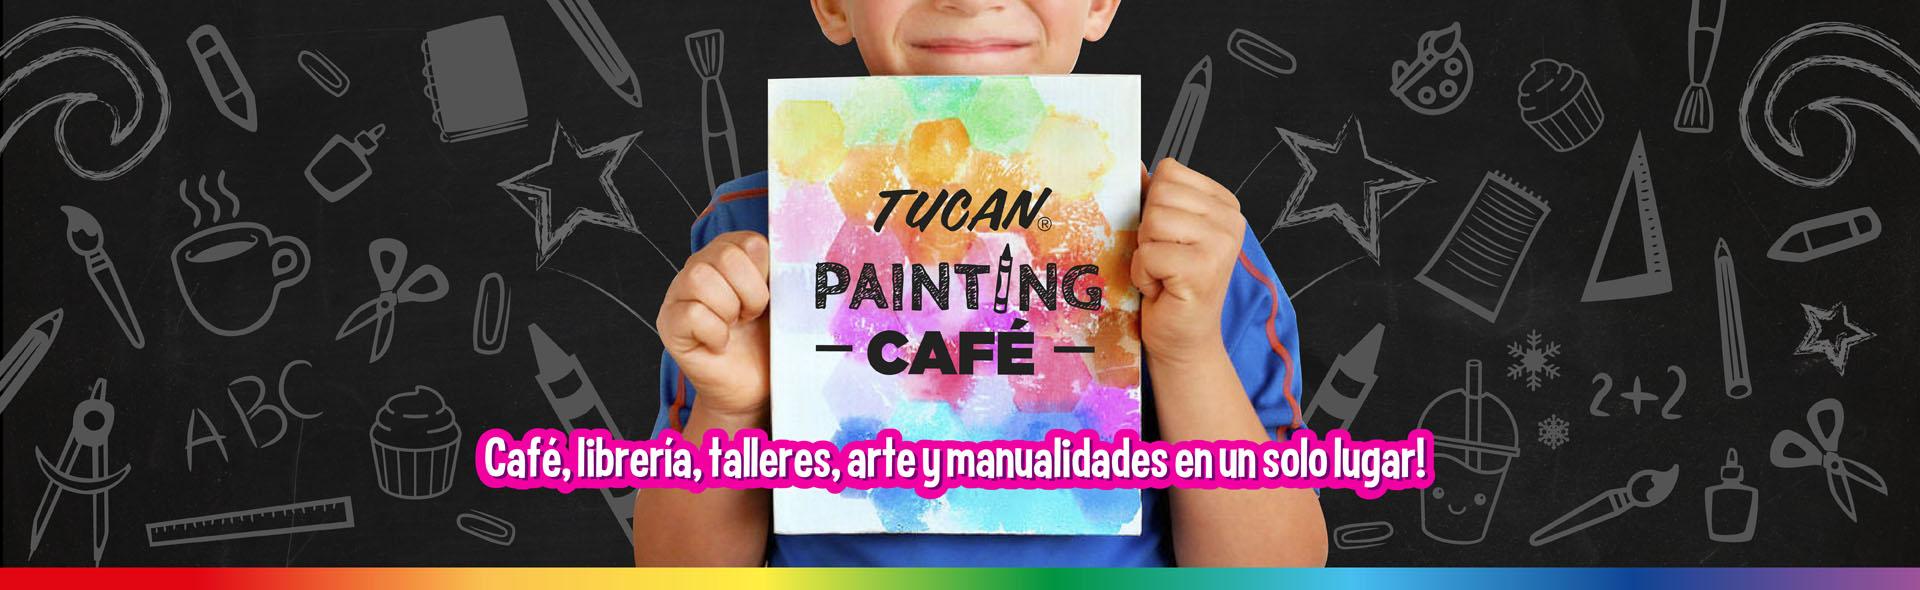 Painting Café